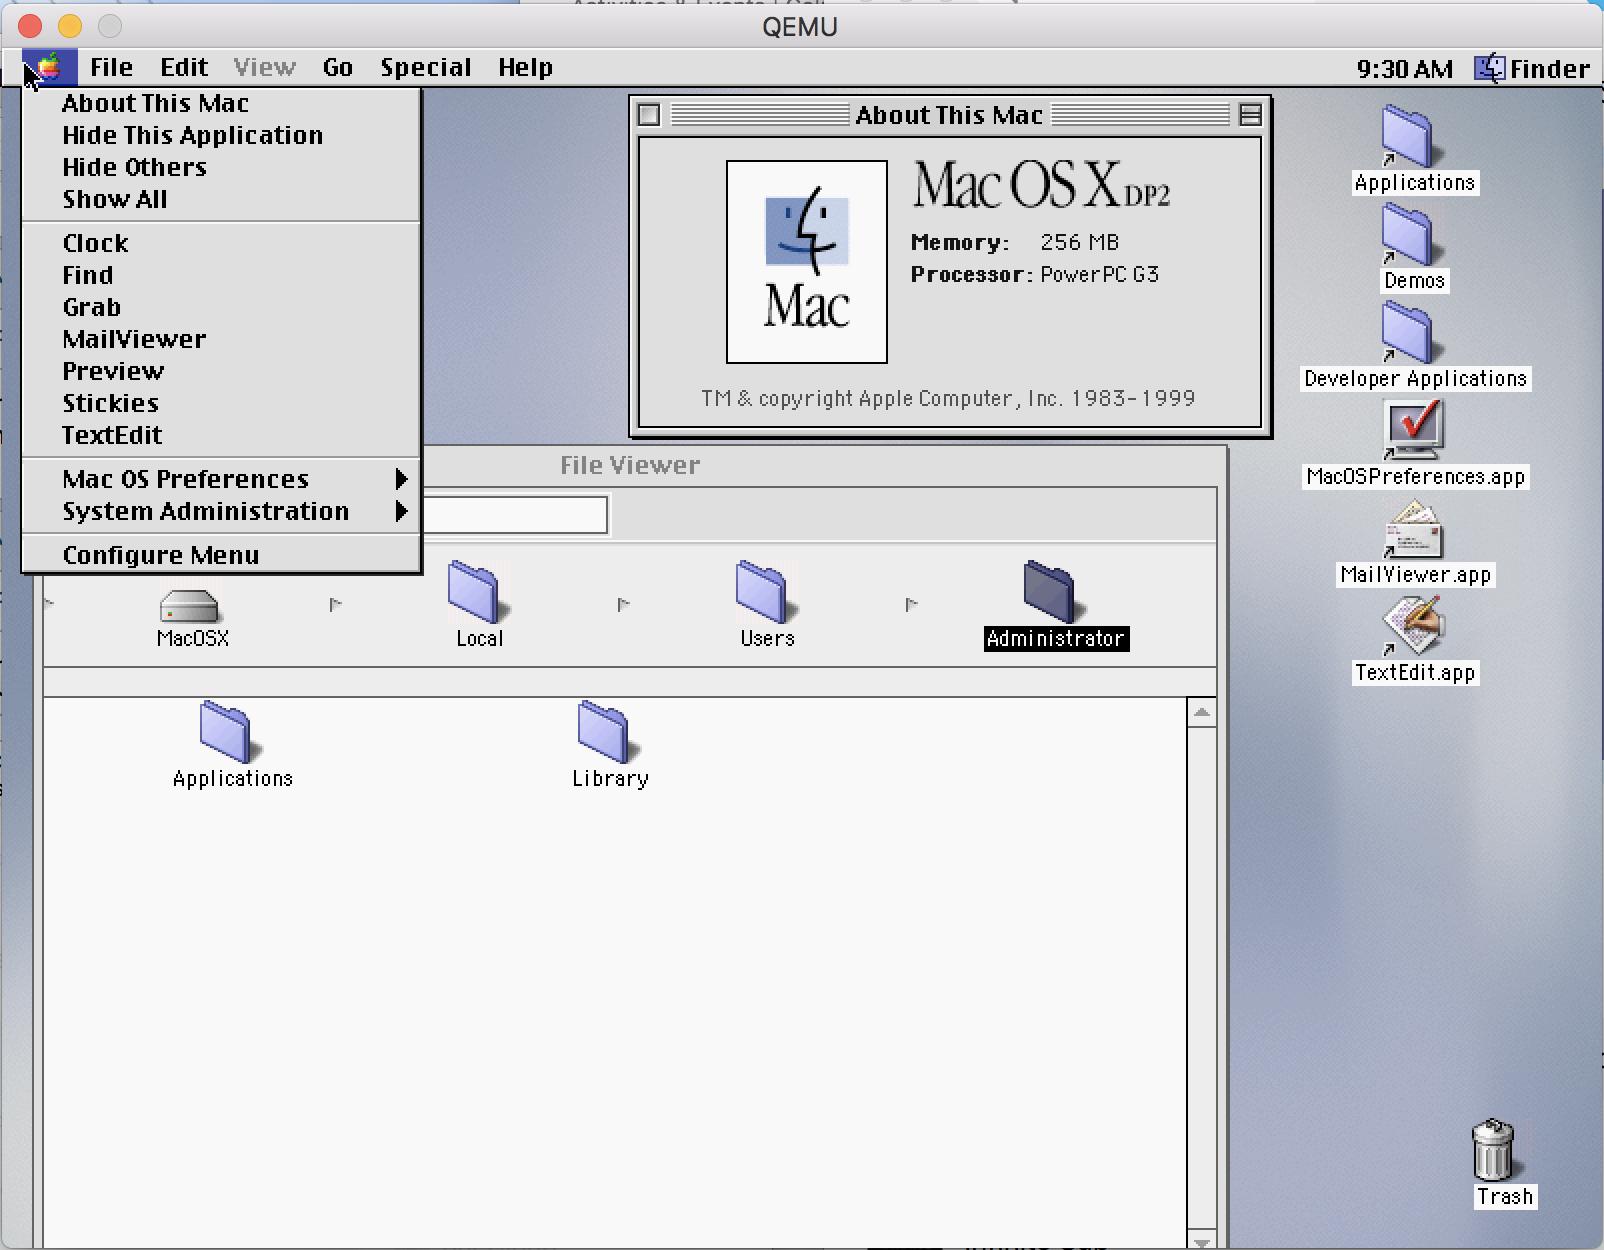 Mac OS X Developer Beta 2 & 3图赏:从Platinum到Aqua